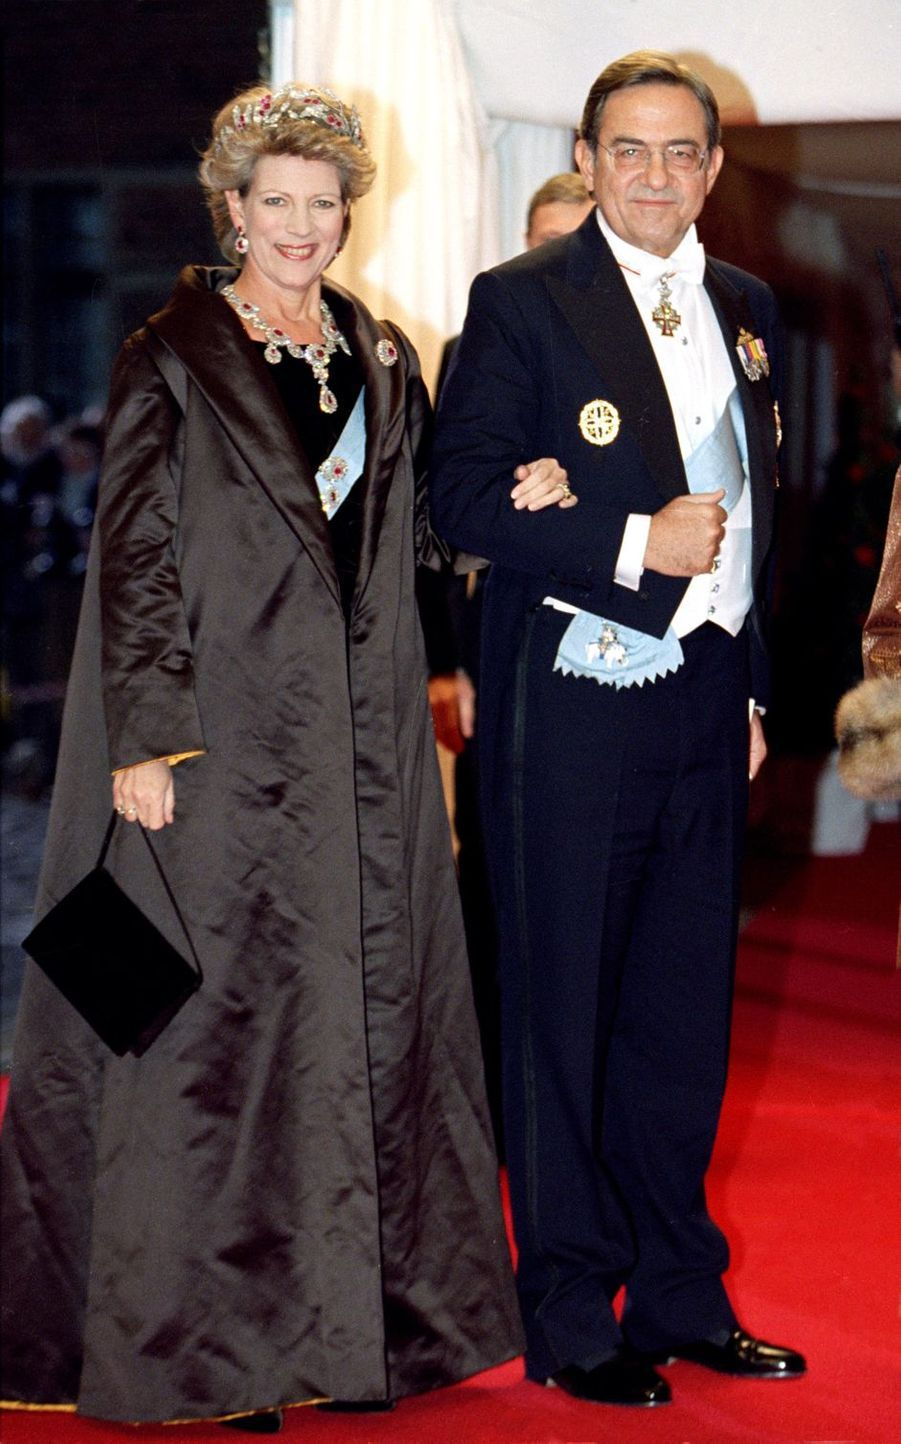 L'ex-reine Anne-Marie, tante du marié, et l'ex-roi des Héllènes Constantin II de Grèce à Frederiksborg, le 18 novembre 1995